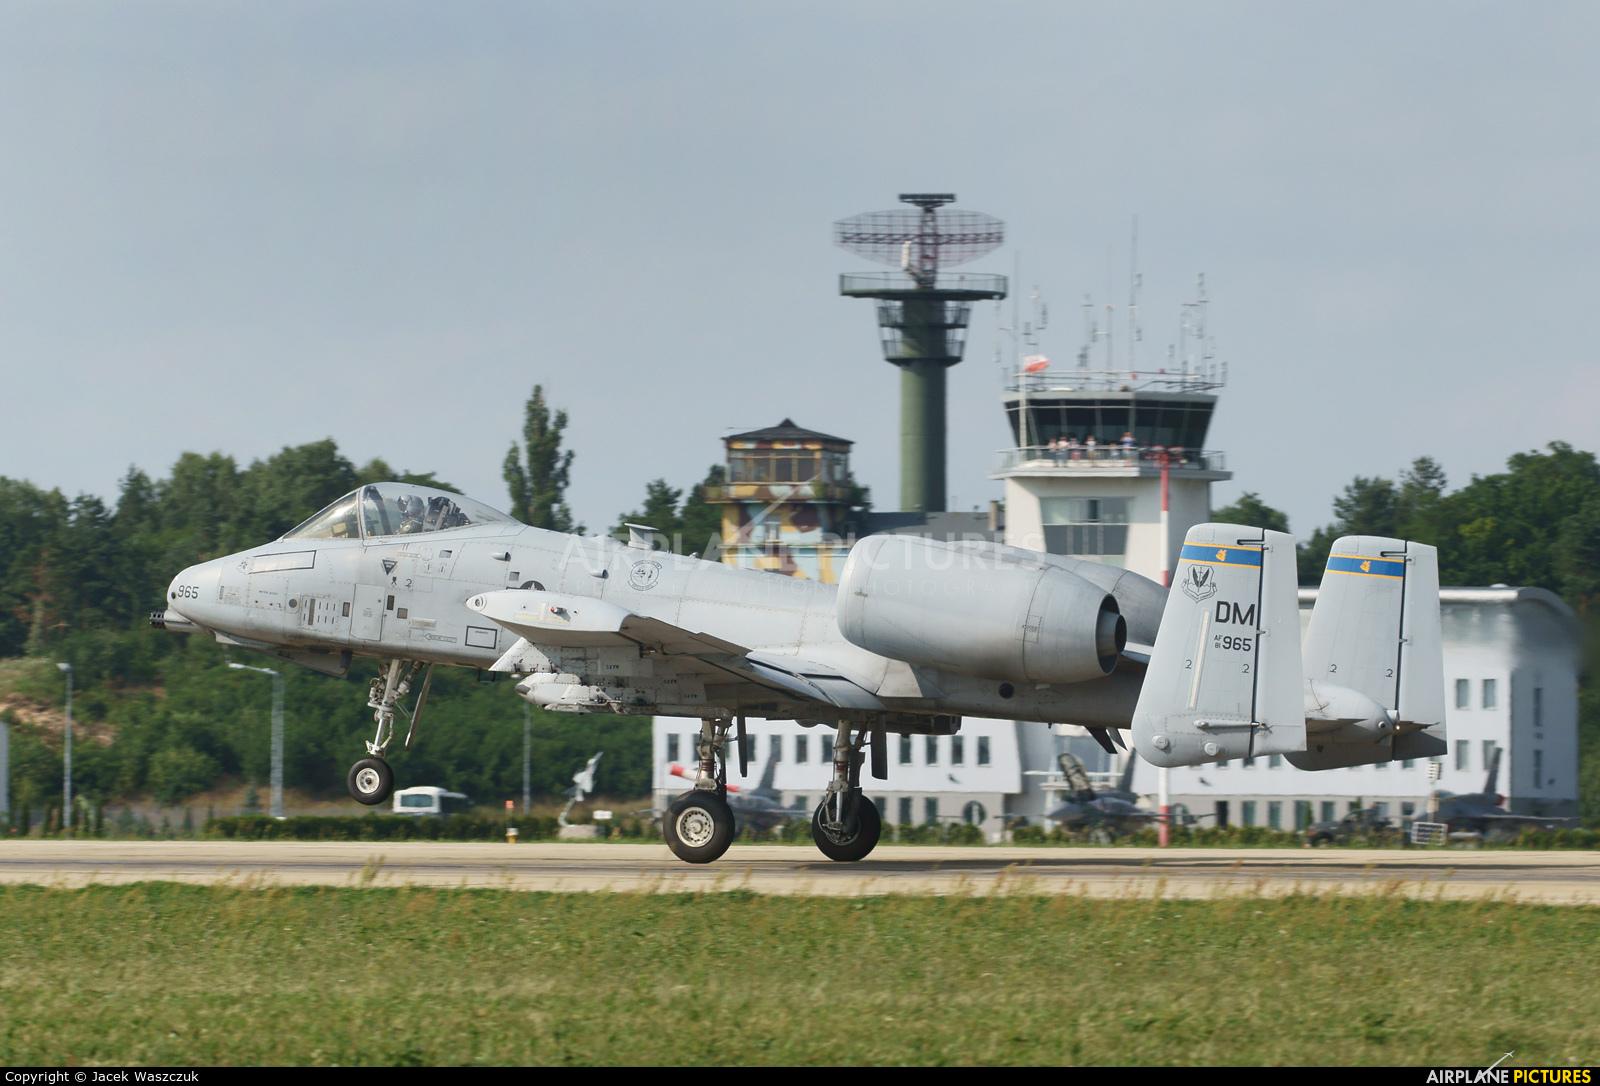 USA - Air Force 81-0965 aircraft at Łask AB